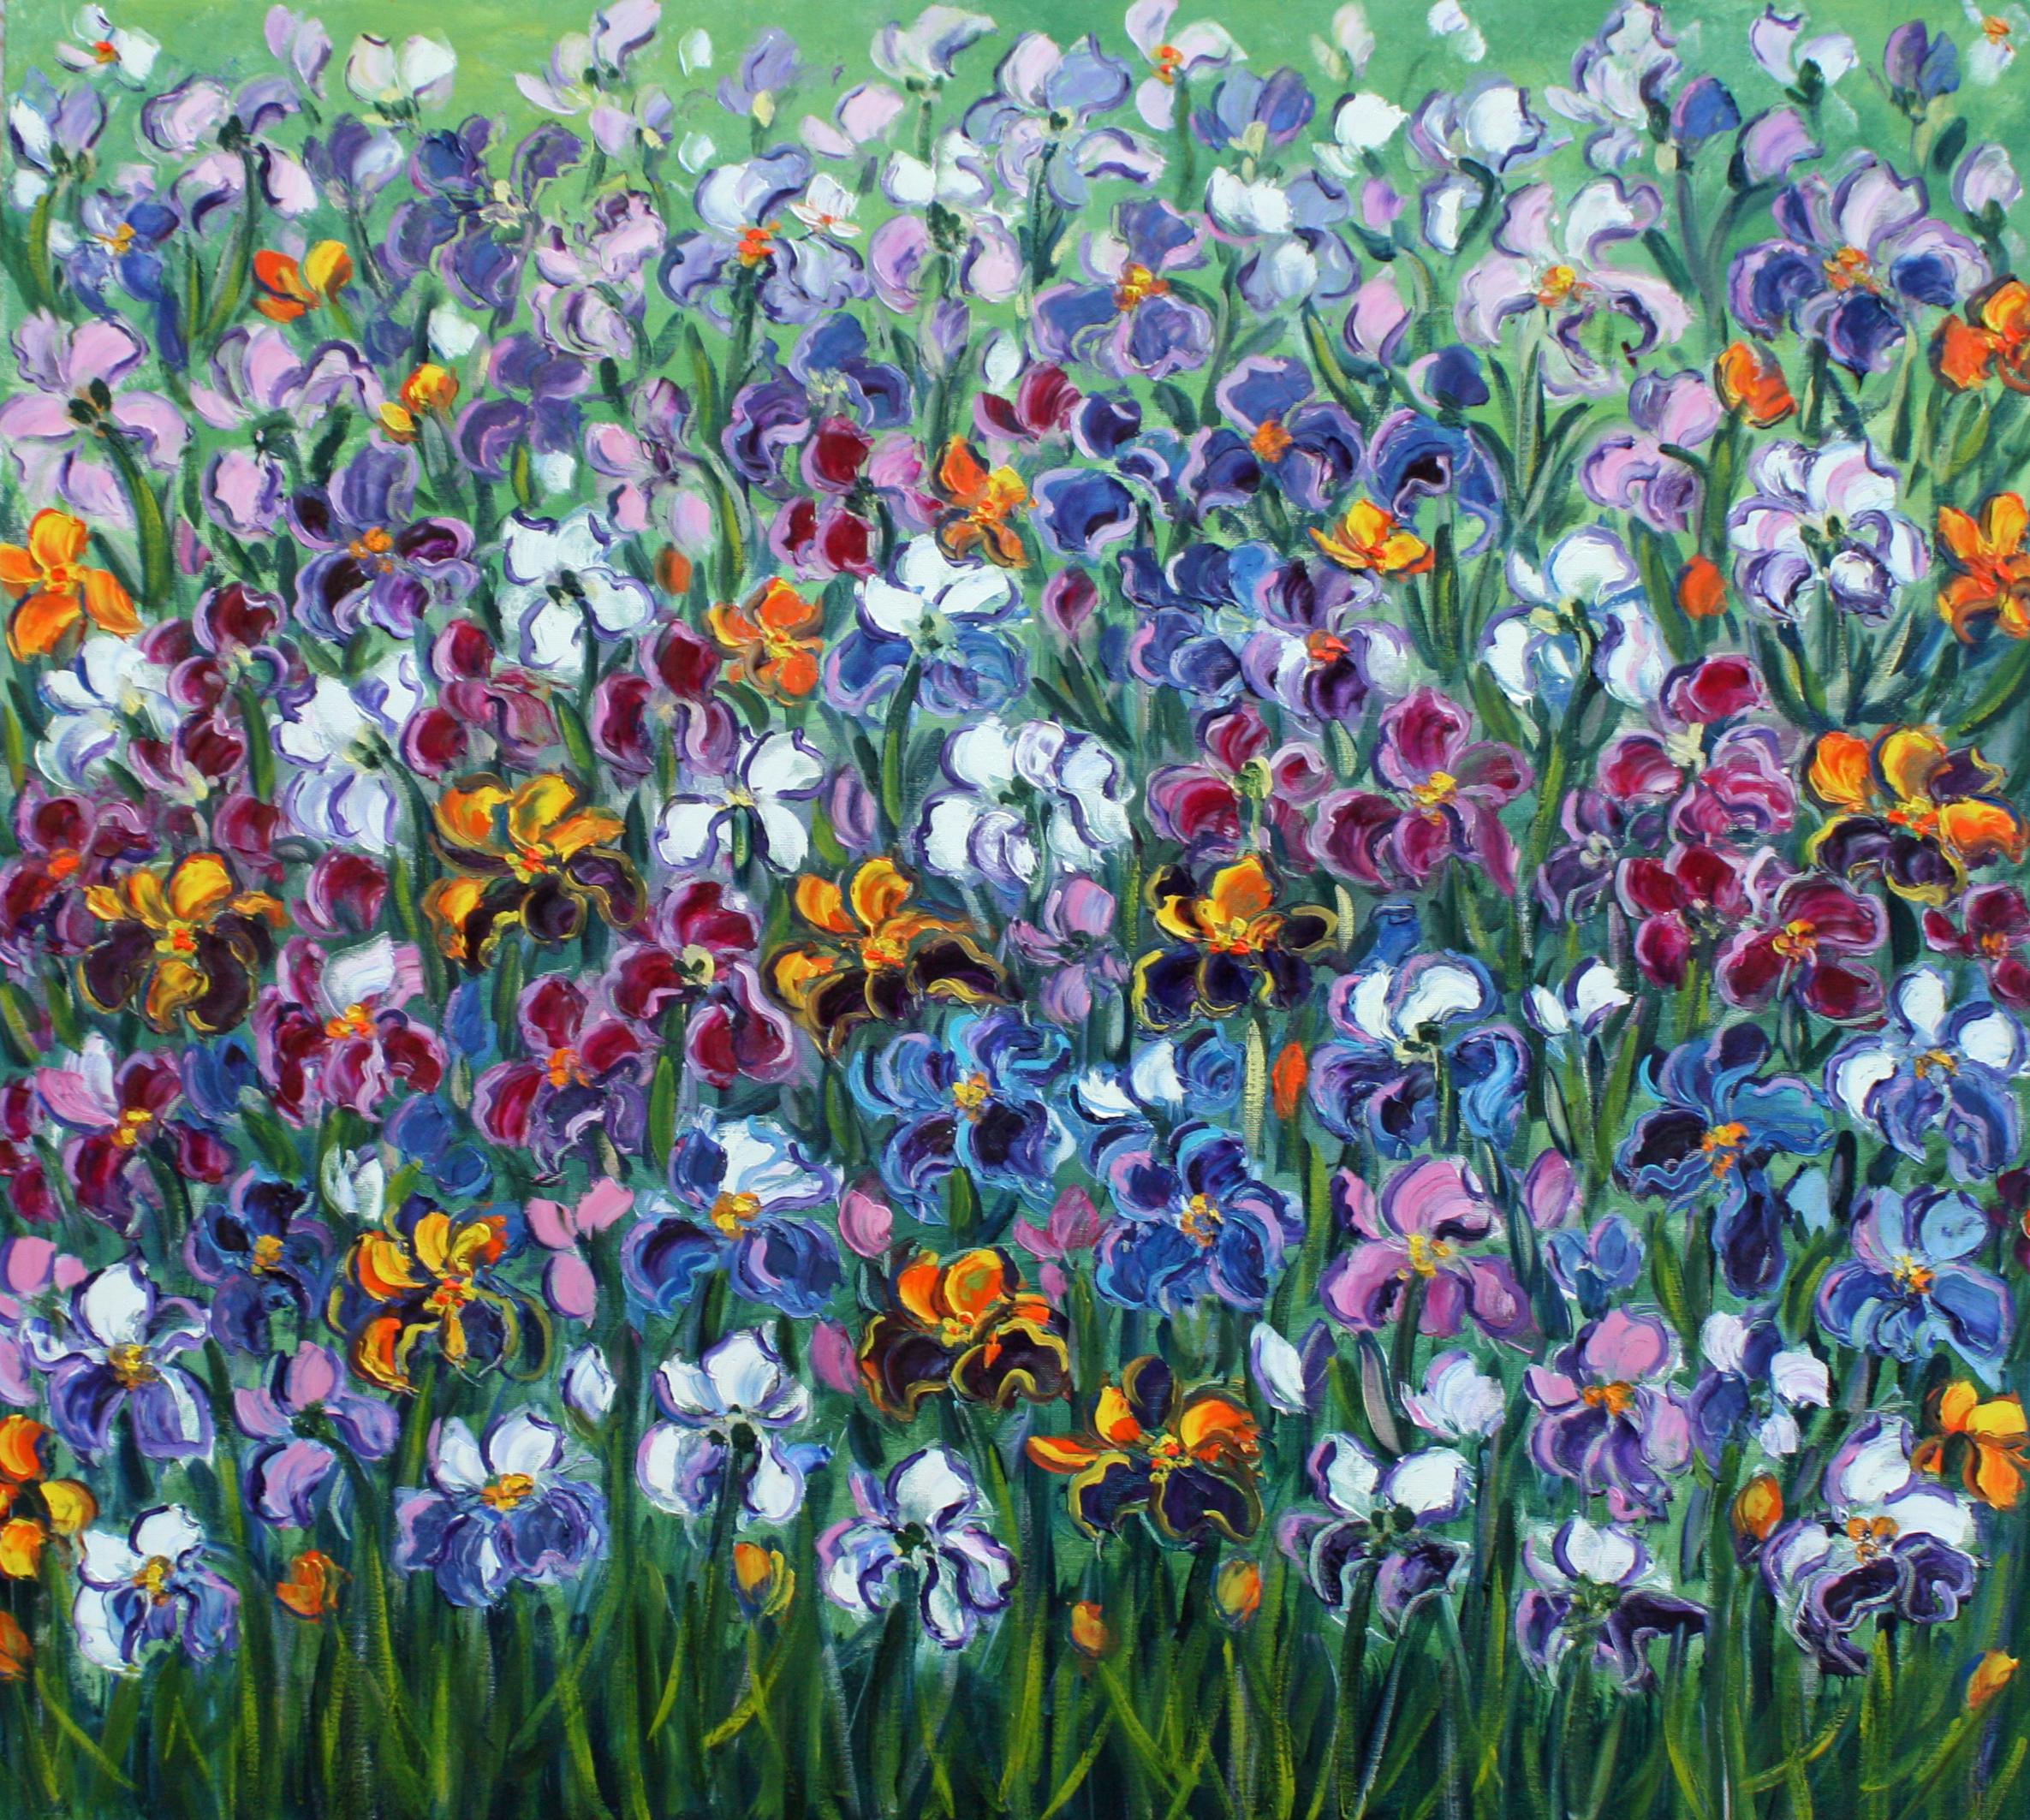 Rif. 6037 - Iris multicolori